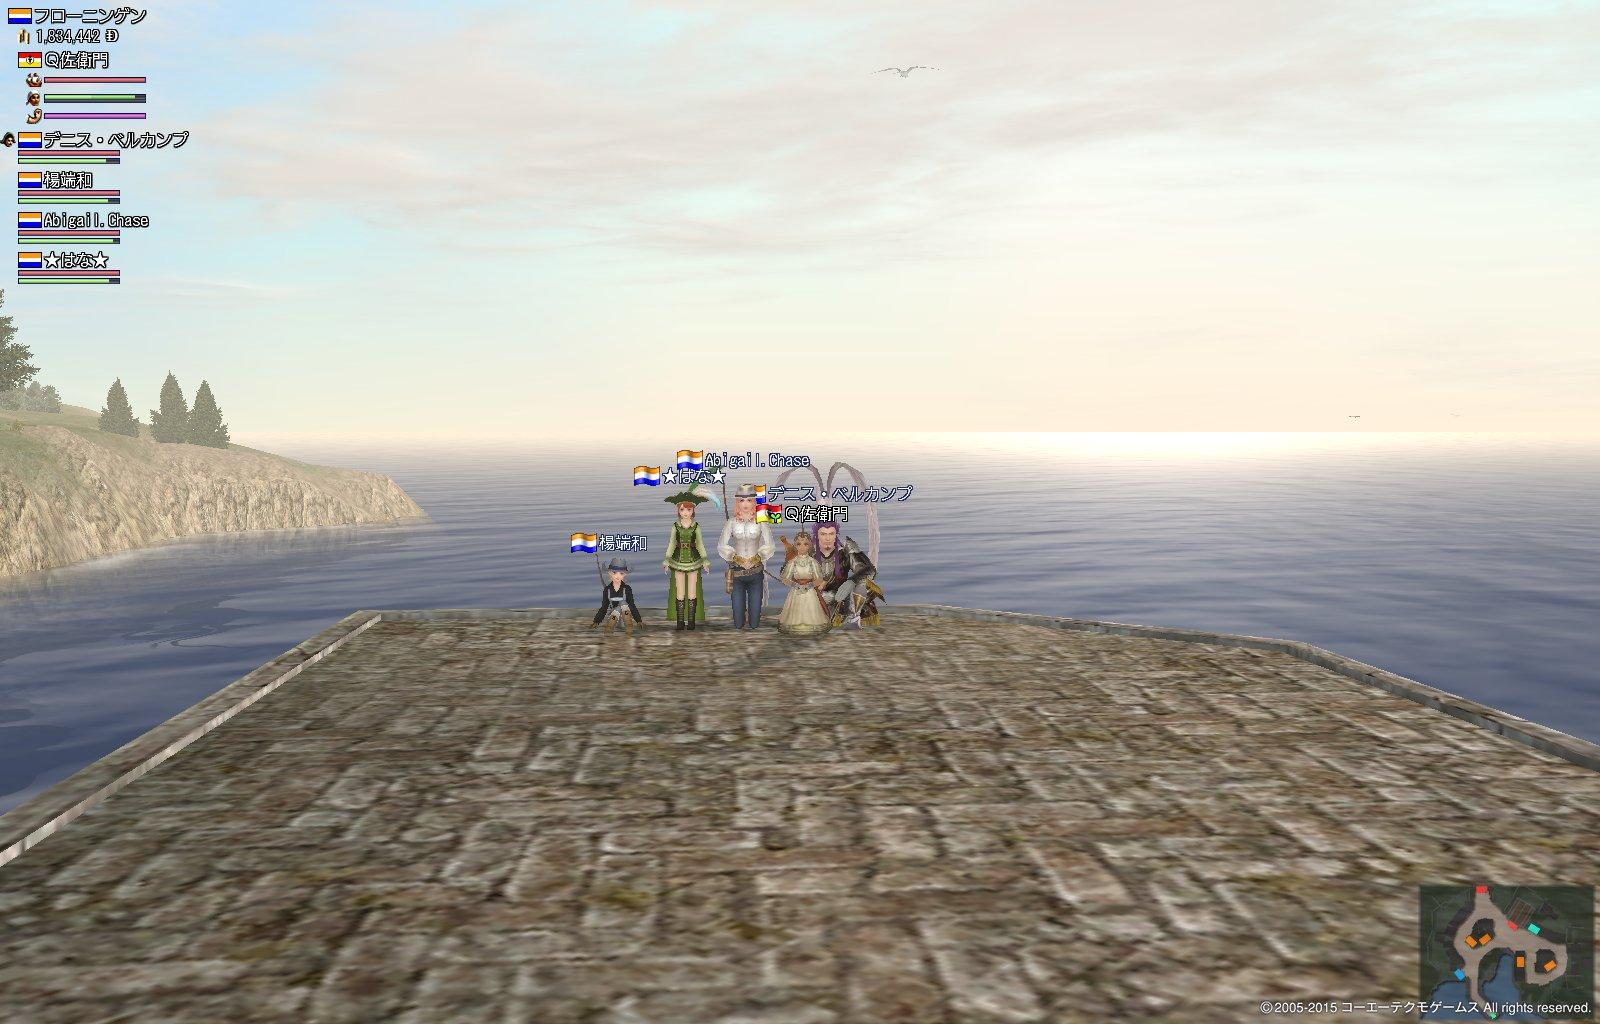 第10回みん模擬艦隊